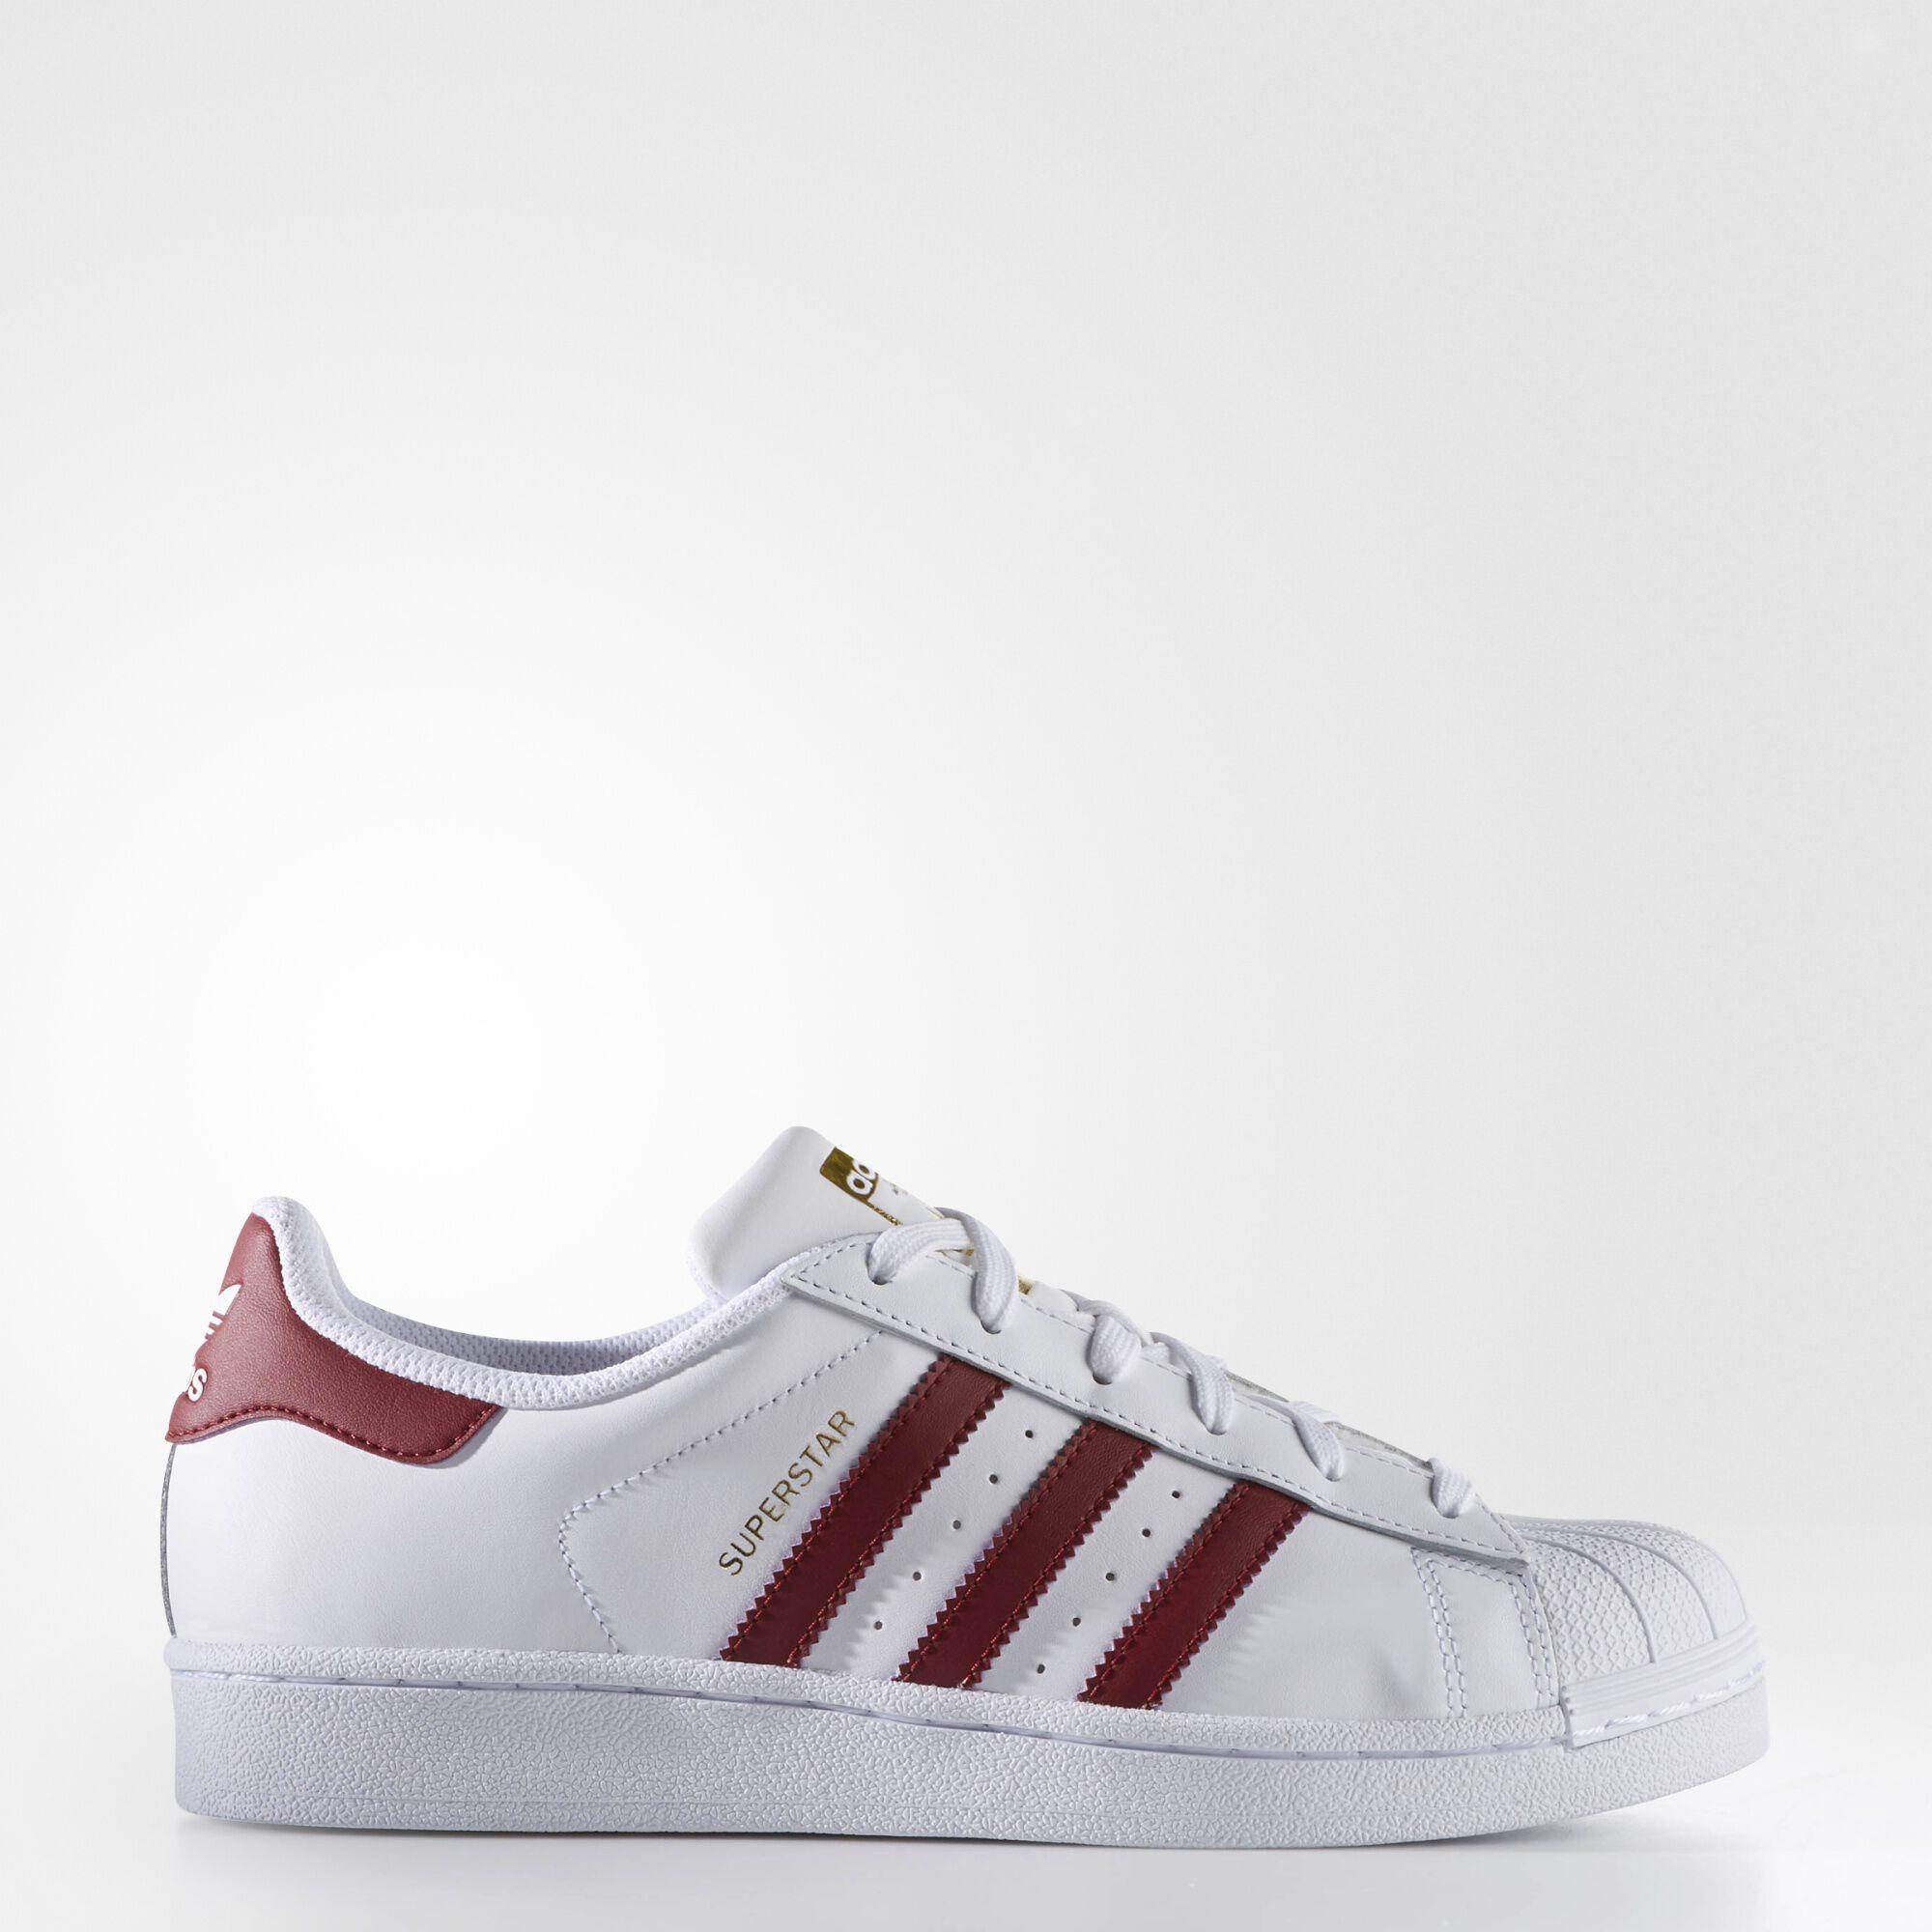 e9a8fdbf05d2e womens adidas superstar shoes